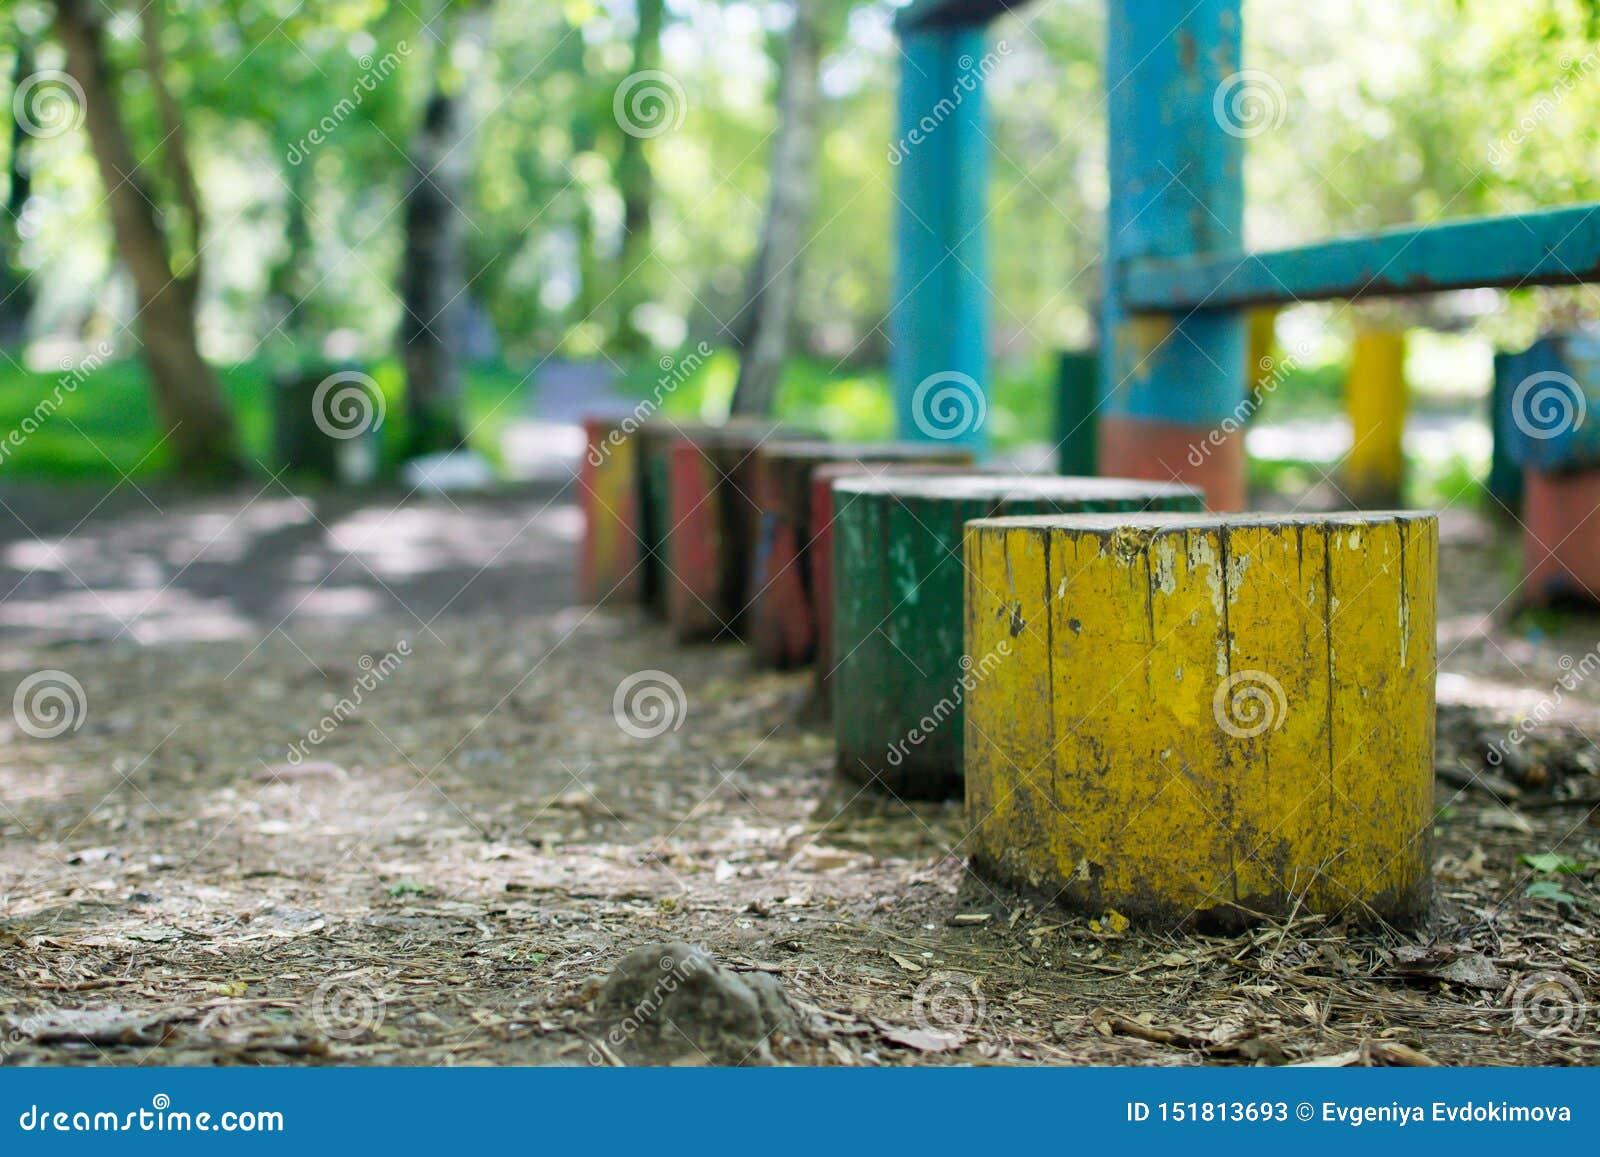 Mehrfarbige Stümpfe im Sommergrünpark